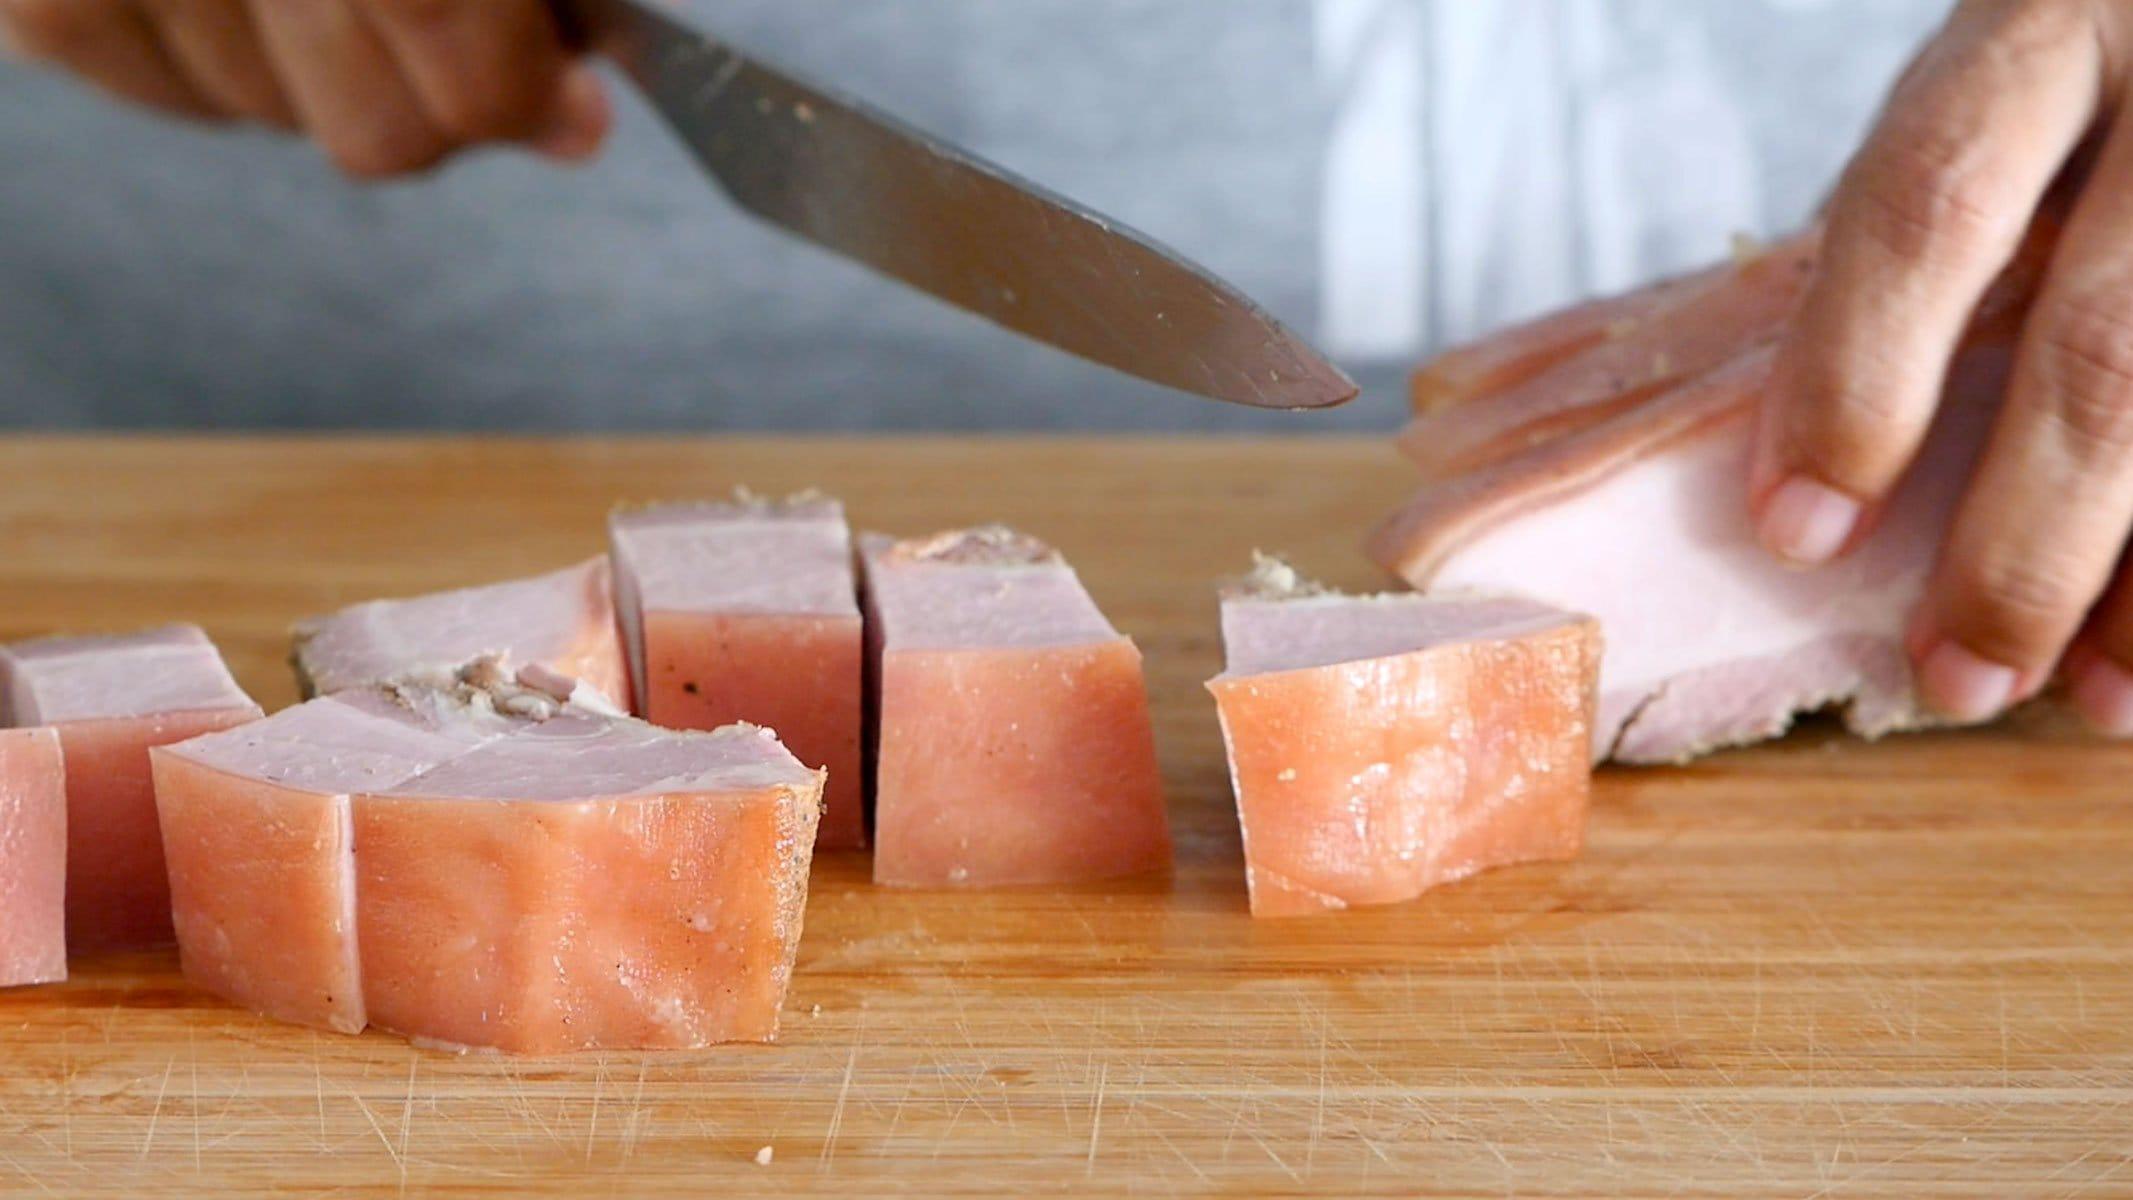 Cortando la carne para chicharrón